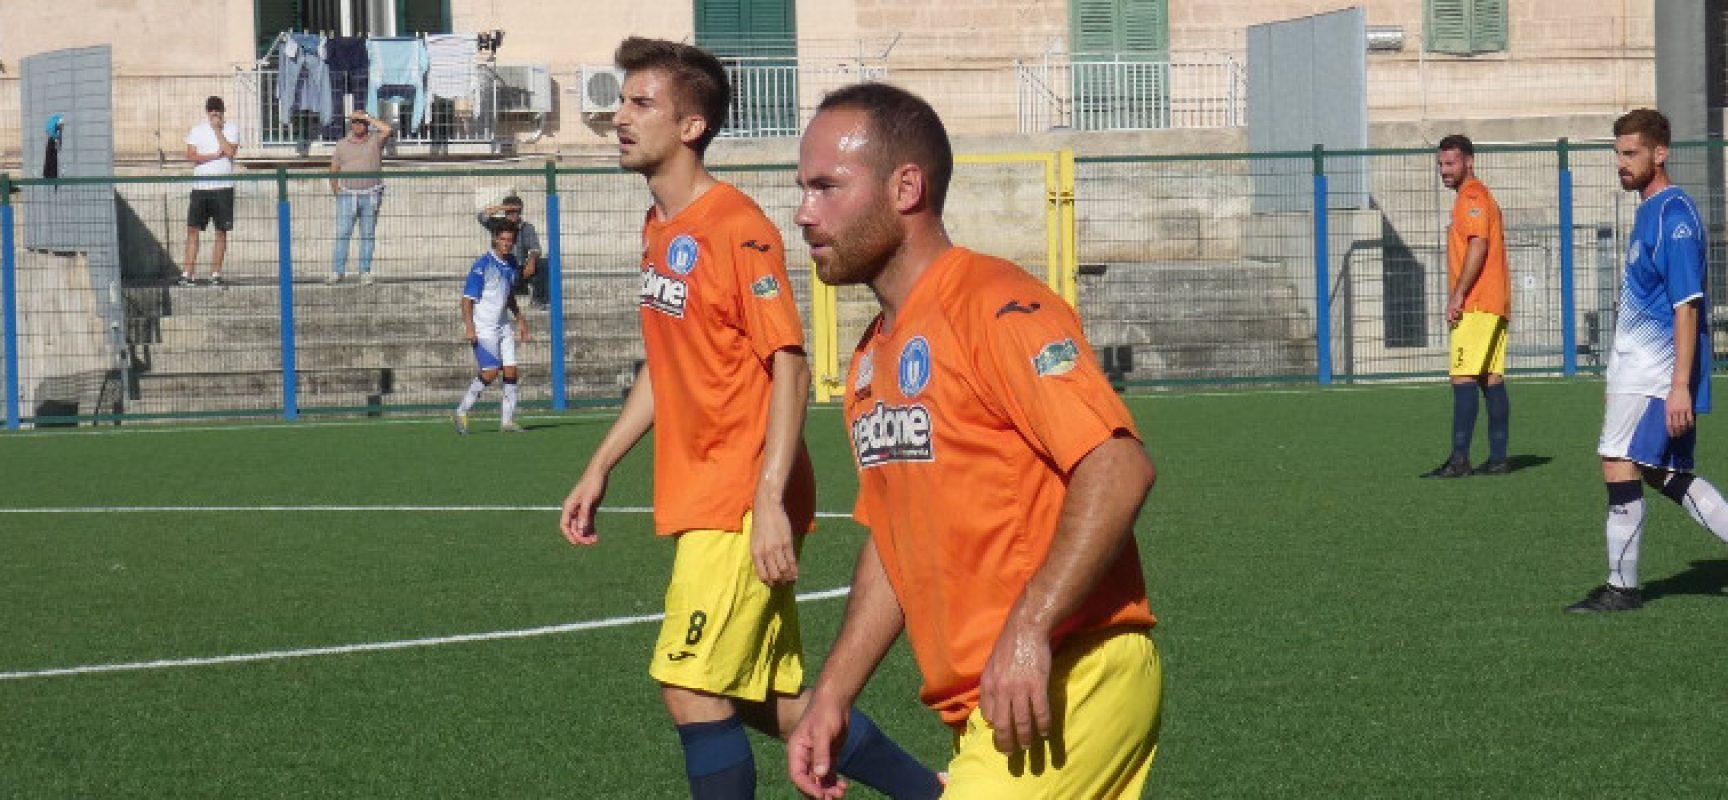 Don Uva, sconfitta esterna contro il Ginosa